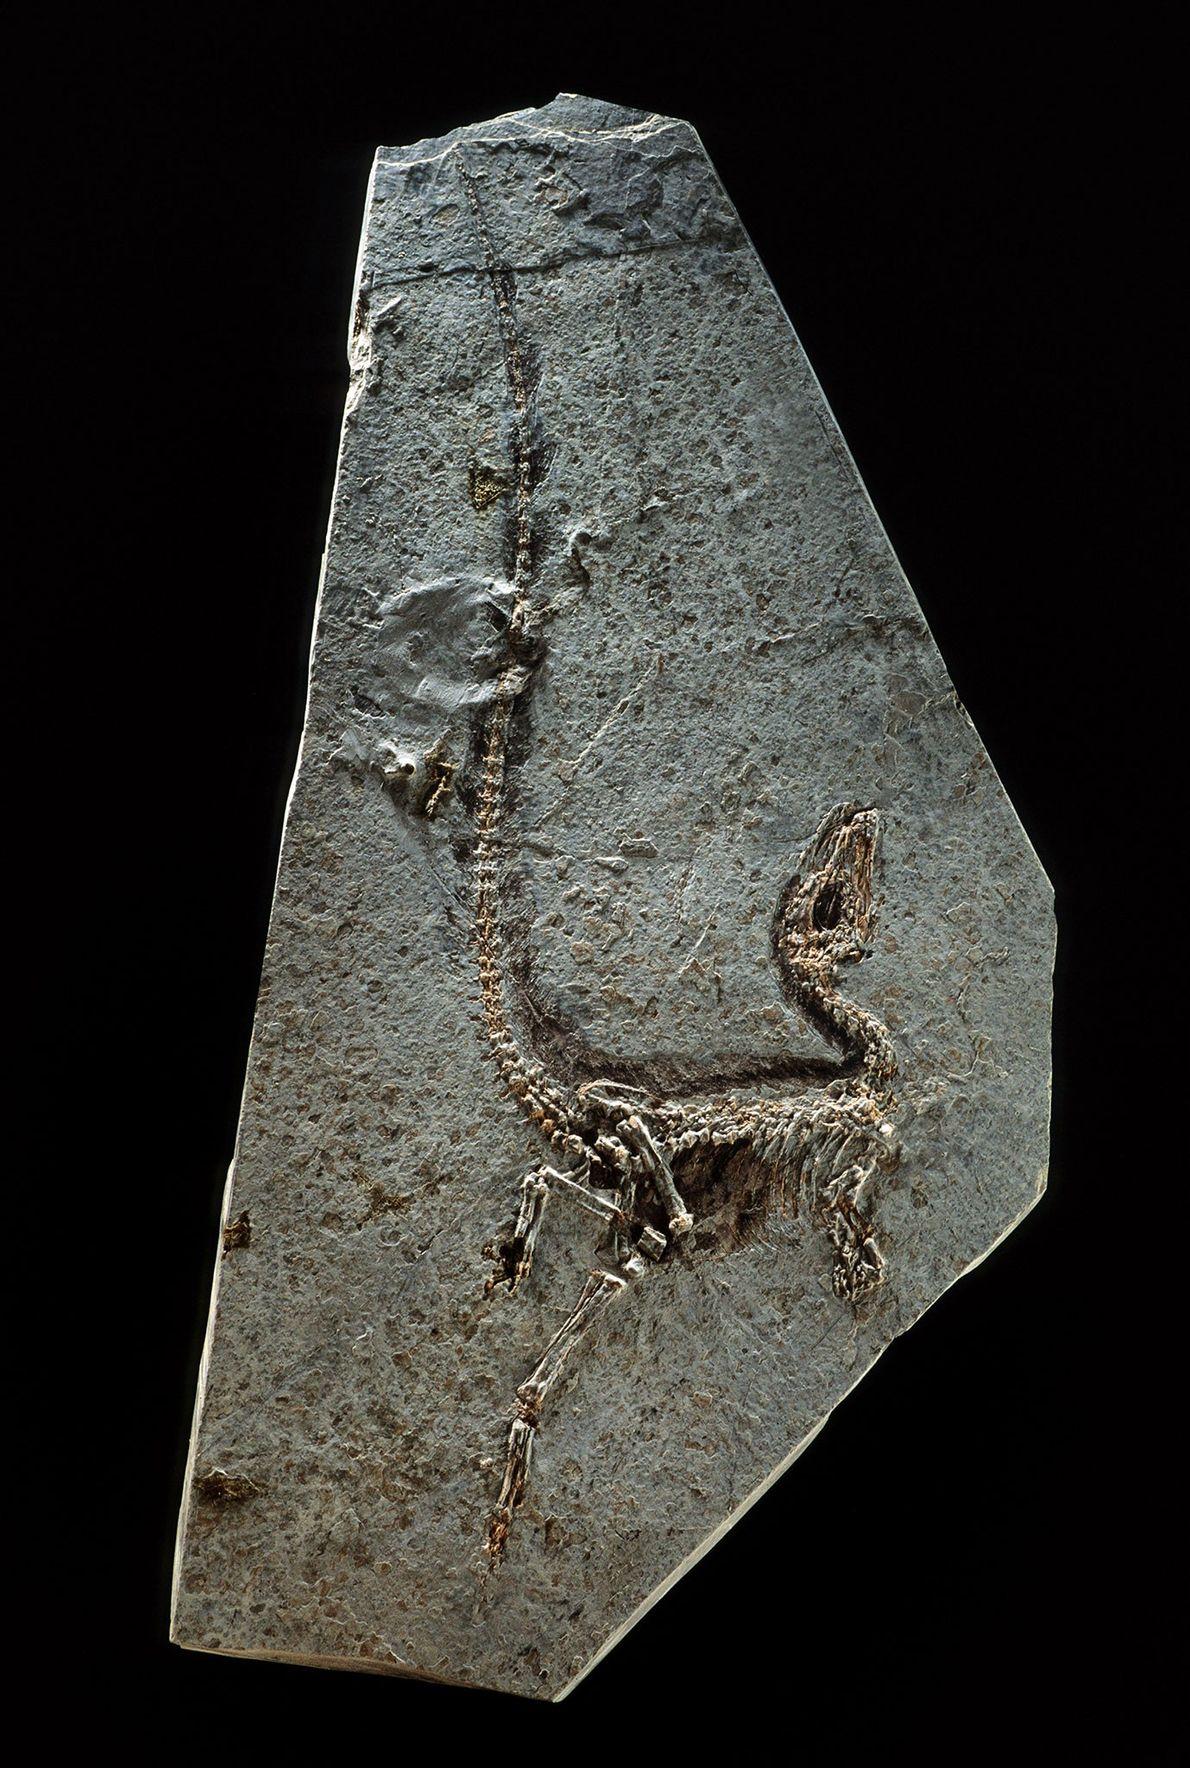 O Sinosauropteryx prima, da província nordeste chinesa de Liaoning, foi encontrado em 1996 e é reconhecido ...